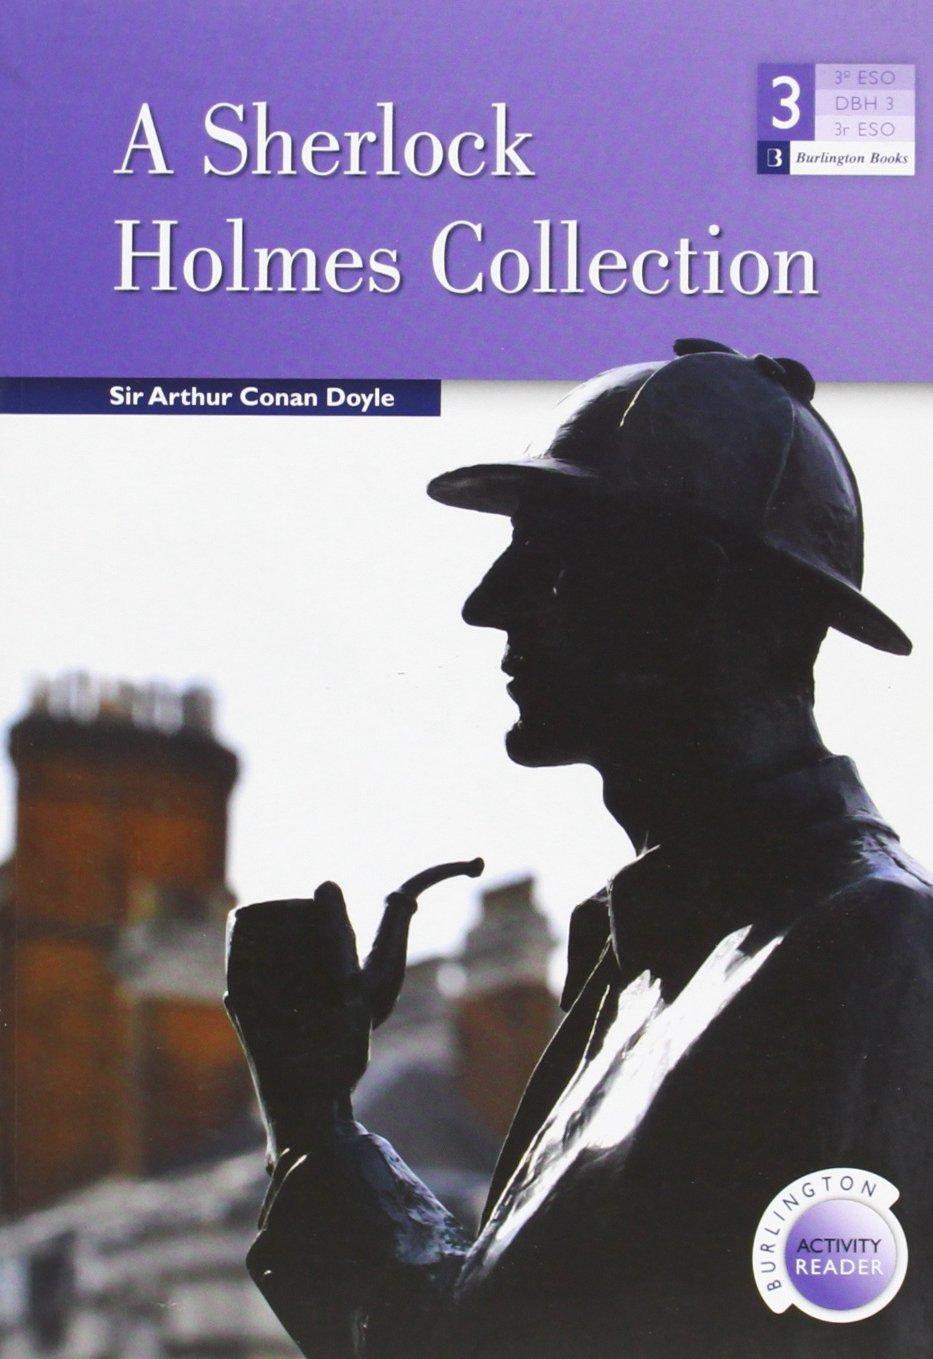 A sherlock Holmes Collection 3 ESO: Amazon.es: Vv.Aa, Vv.Aa: Libros